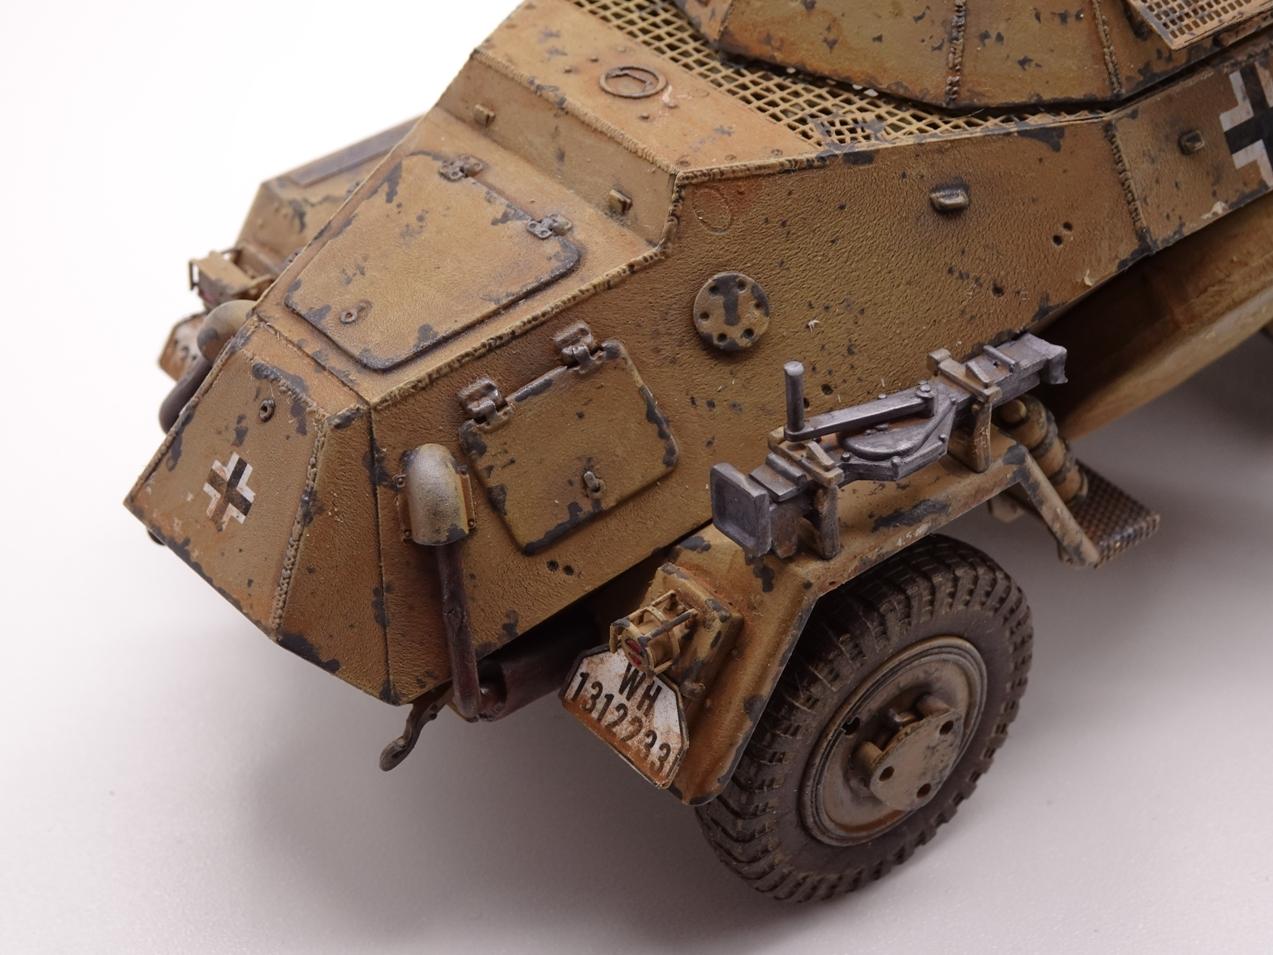 [Hobby Boss 1/35°] Sd.Kfz. 222 Leichter Panzerspähwagen - Page 3 222-fin-9